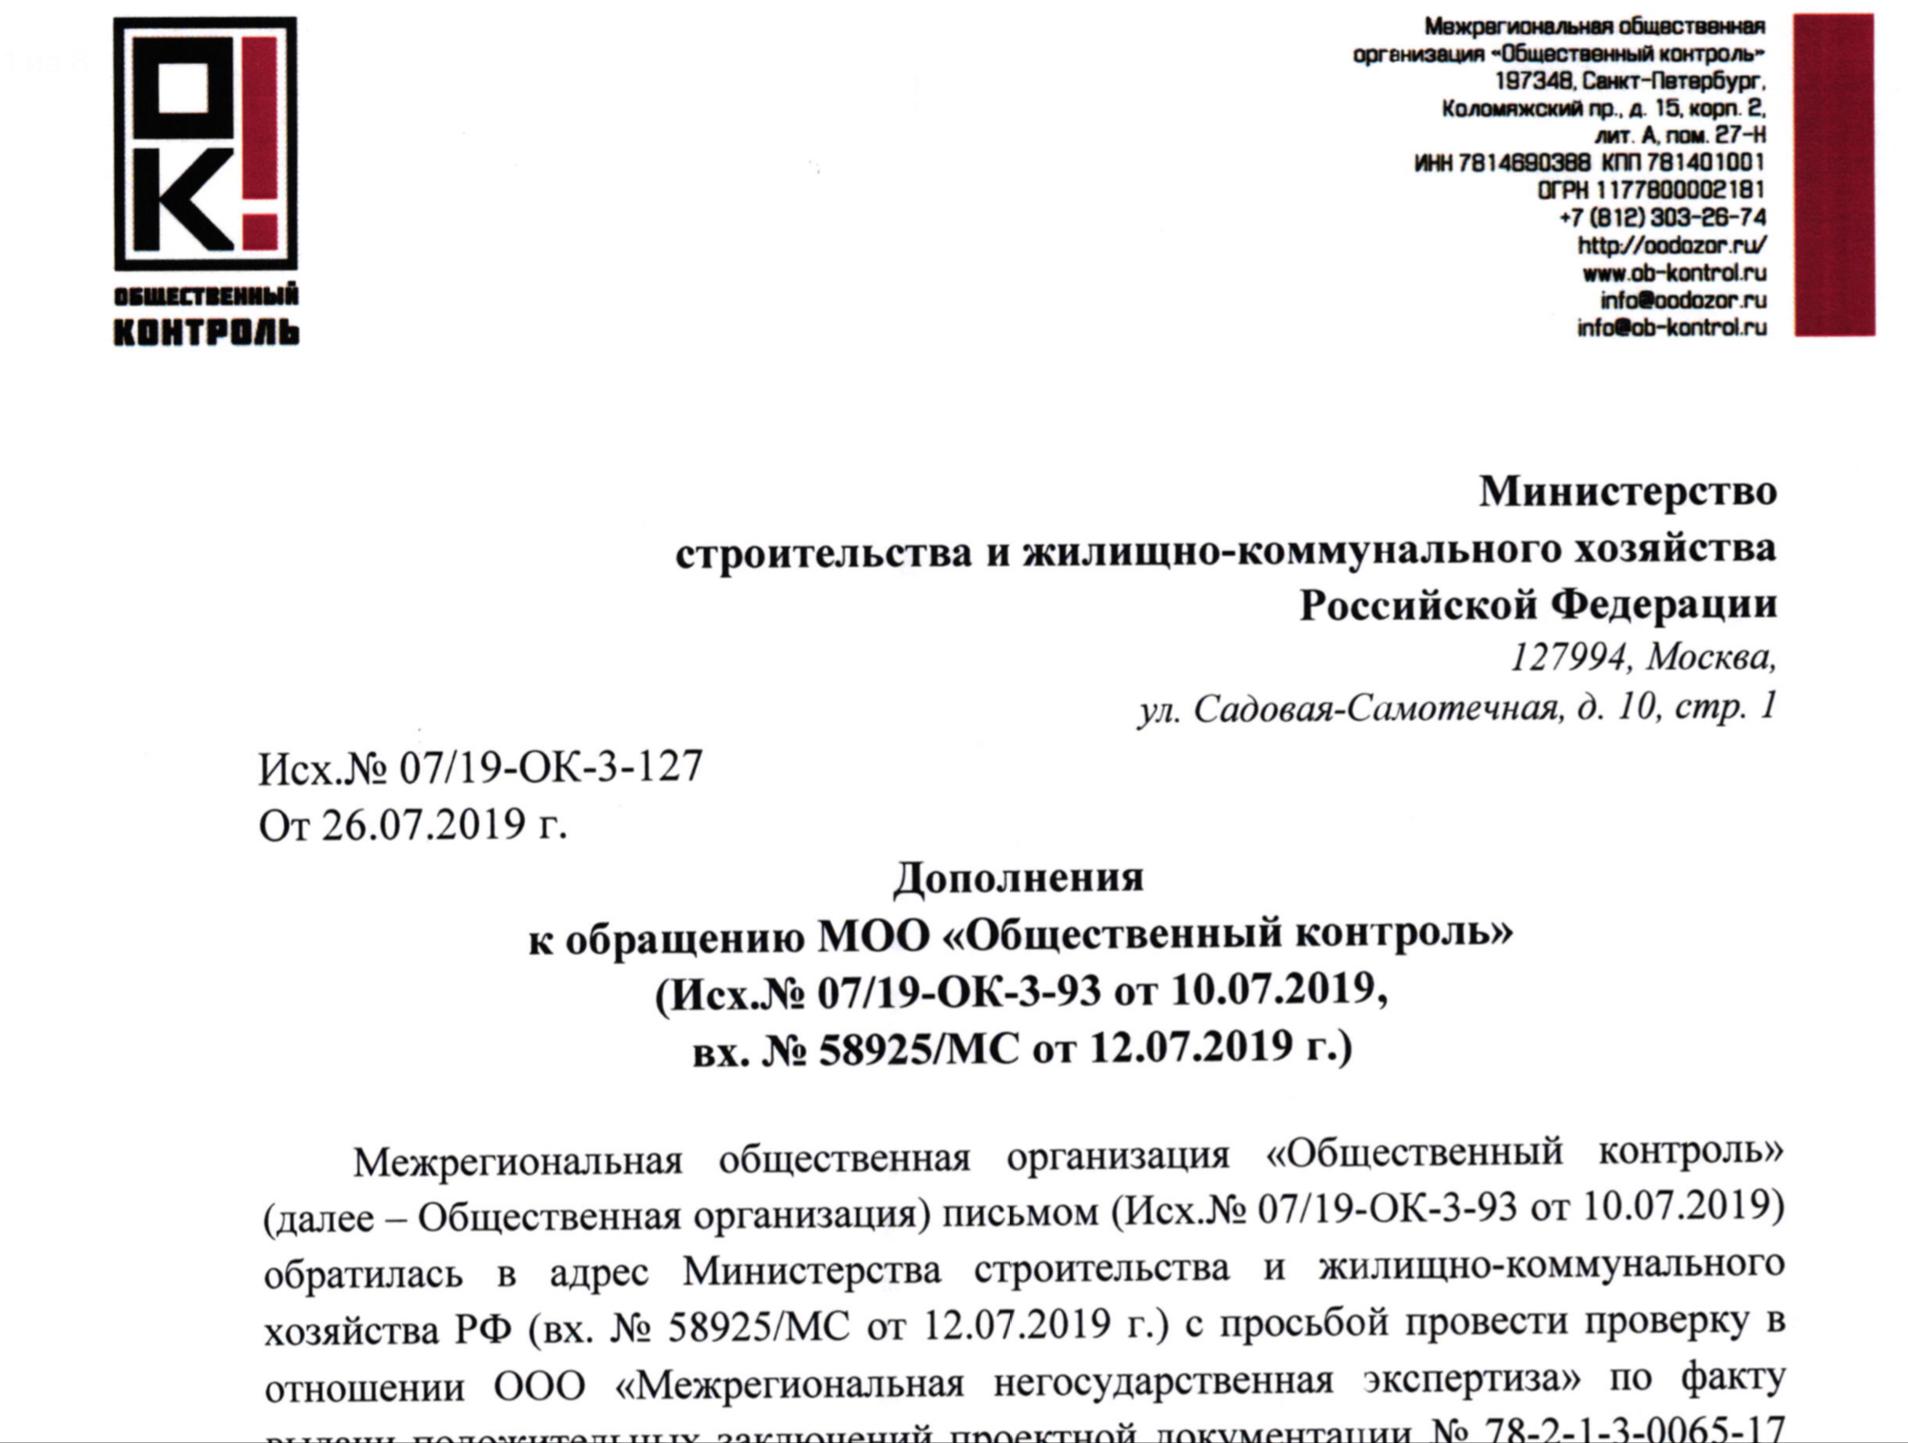 Жалоба в Министерство строительства и жилищно-коммунального хозяйства Российской Федерации